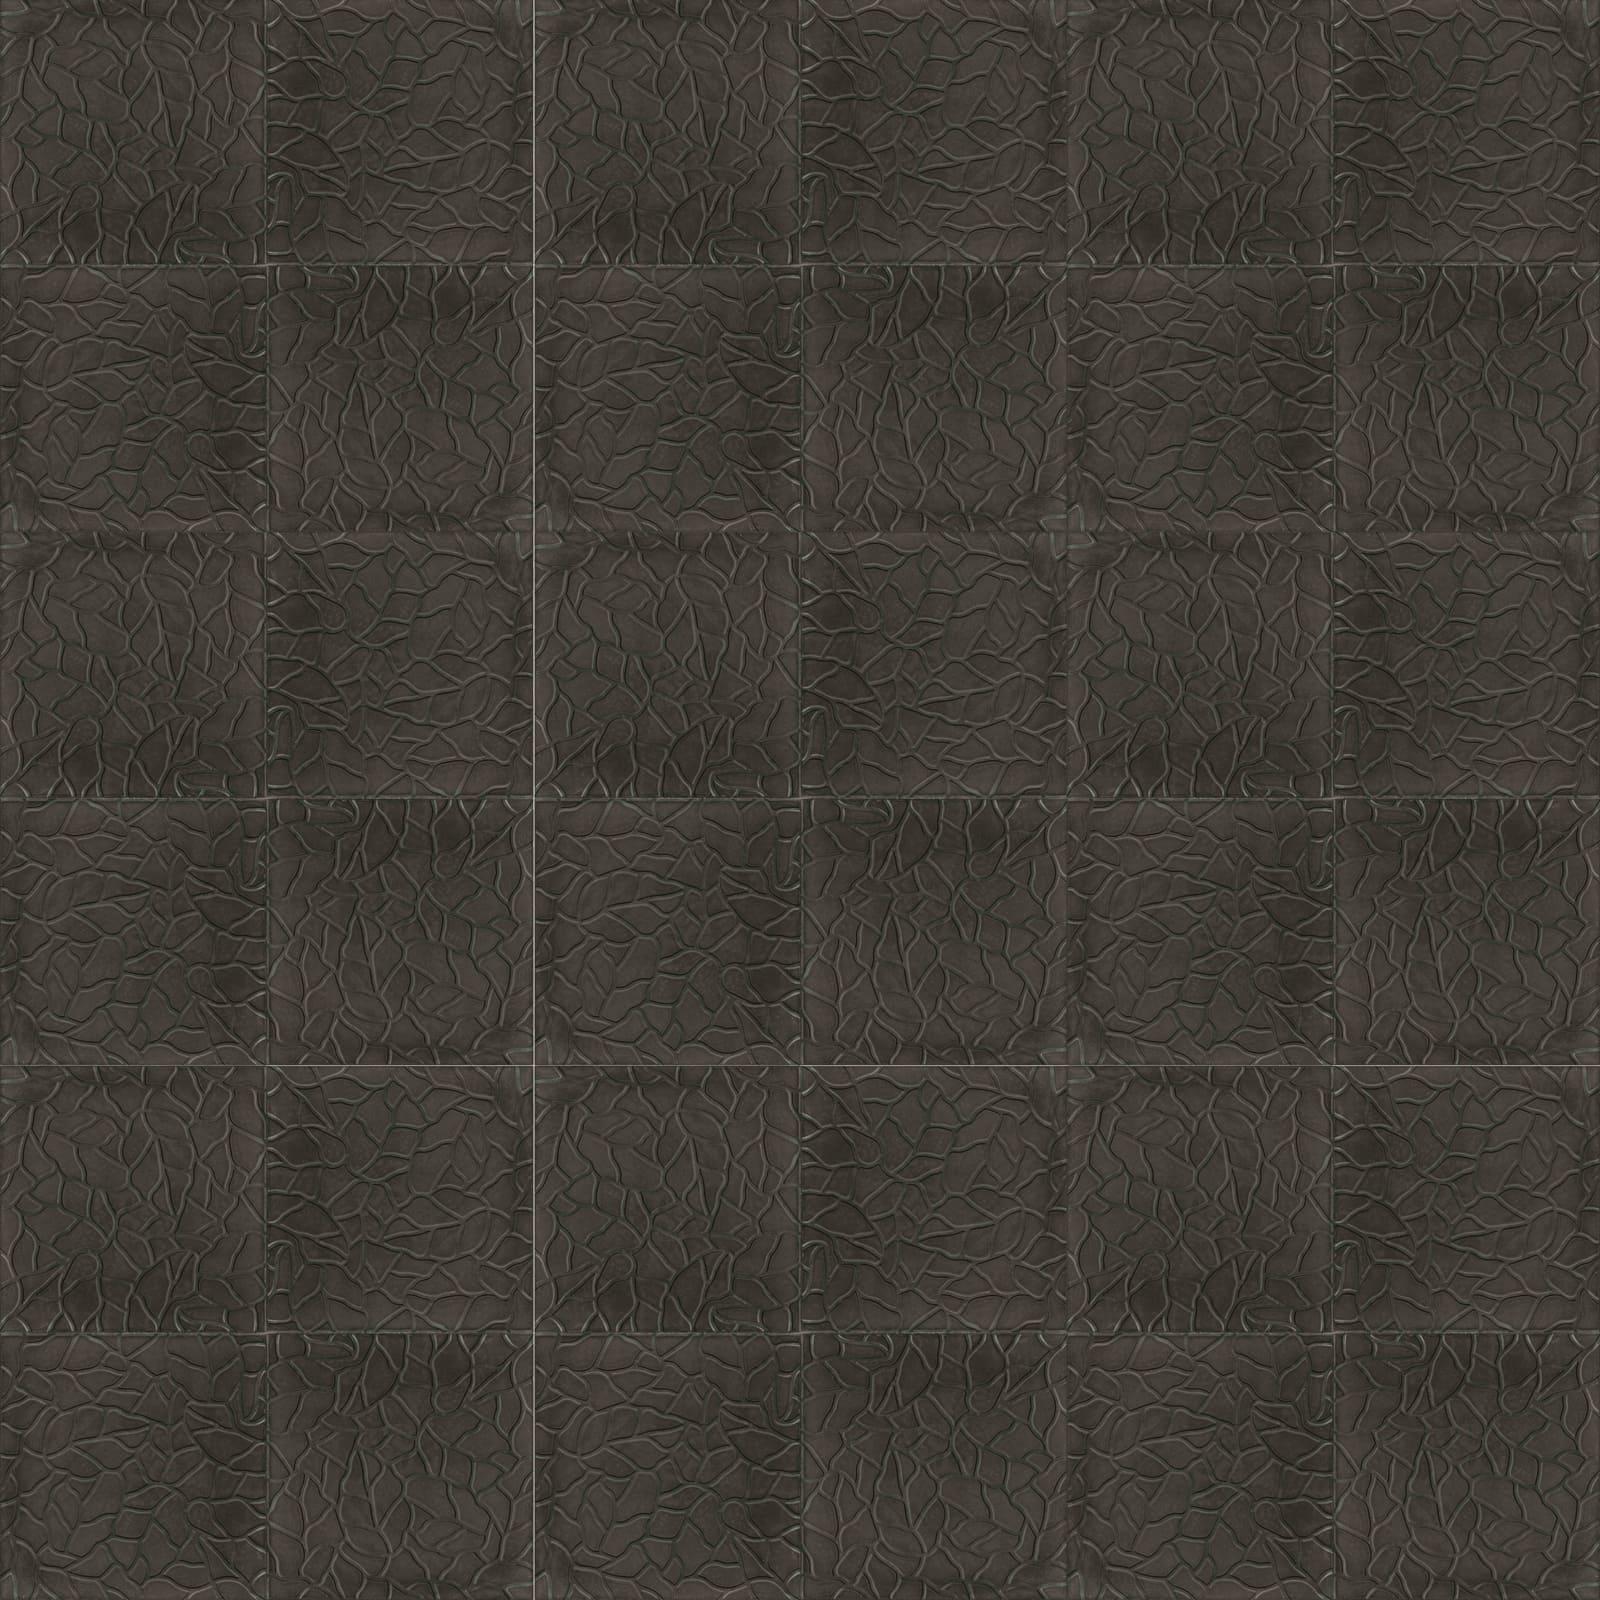 zementfliesen-terrazzofliesen-kreidefarbe-terrazzo-fugenlos-viaplatten-40660-verlegemuster | 40660